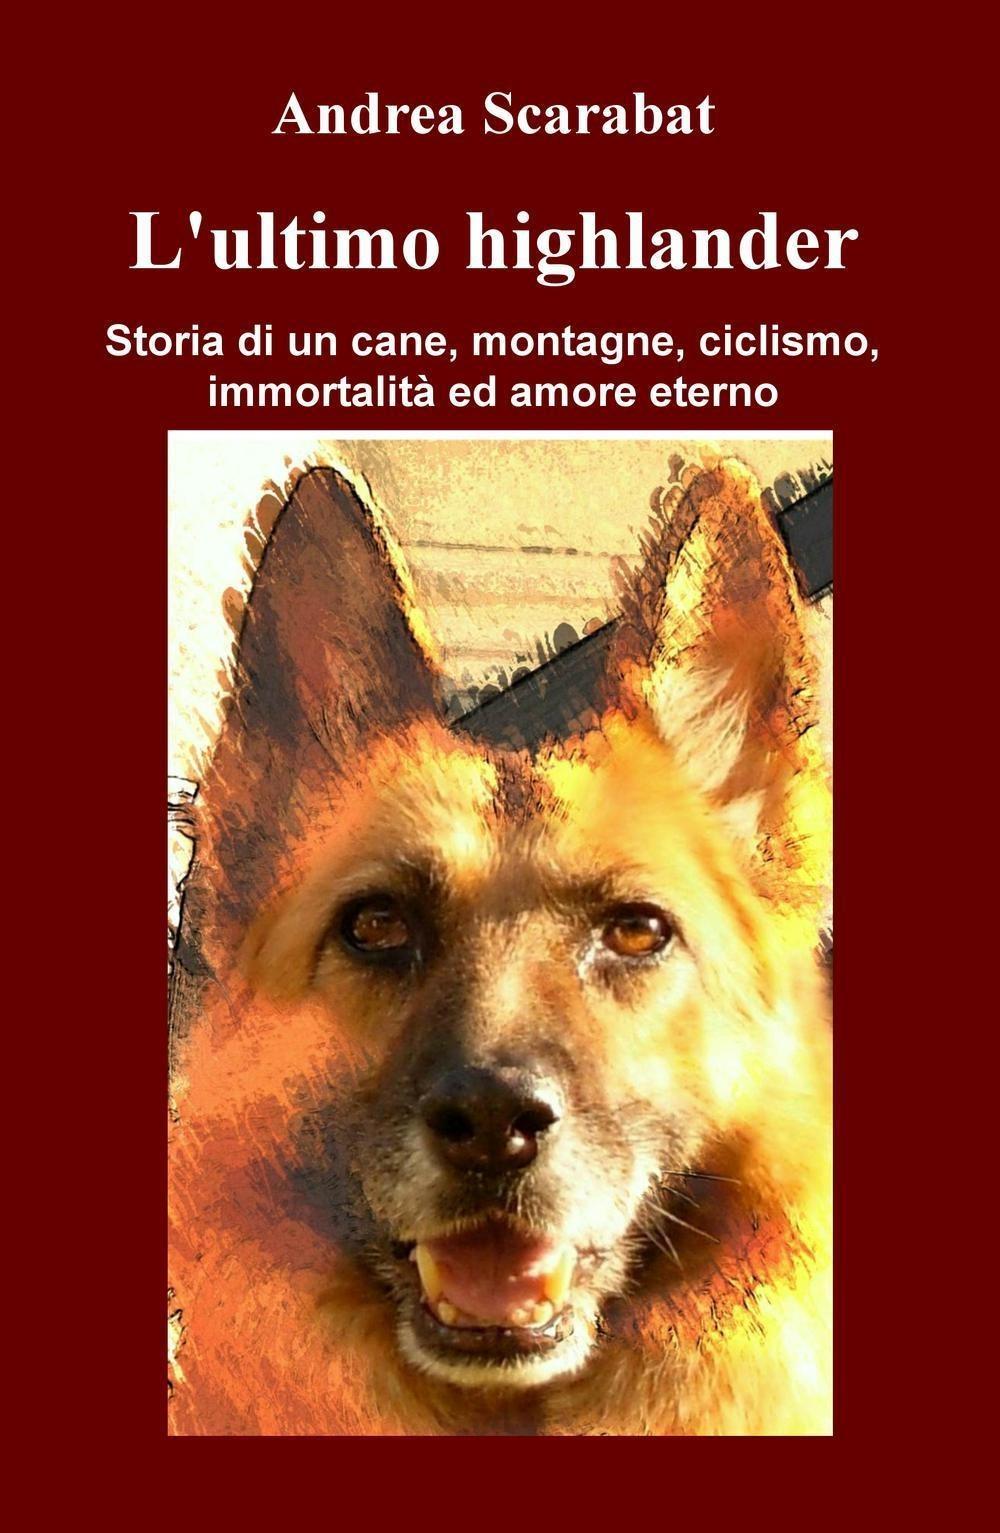 L' Ultimo highlander: un romanzo sulla storia di un cane